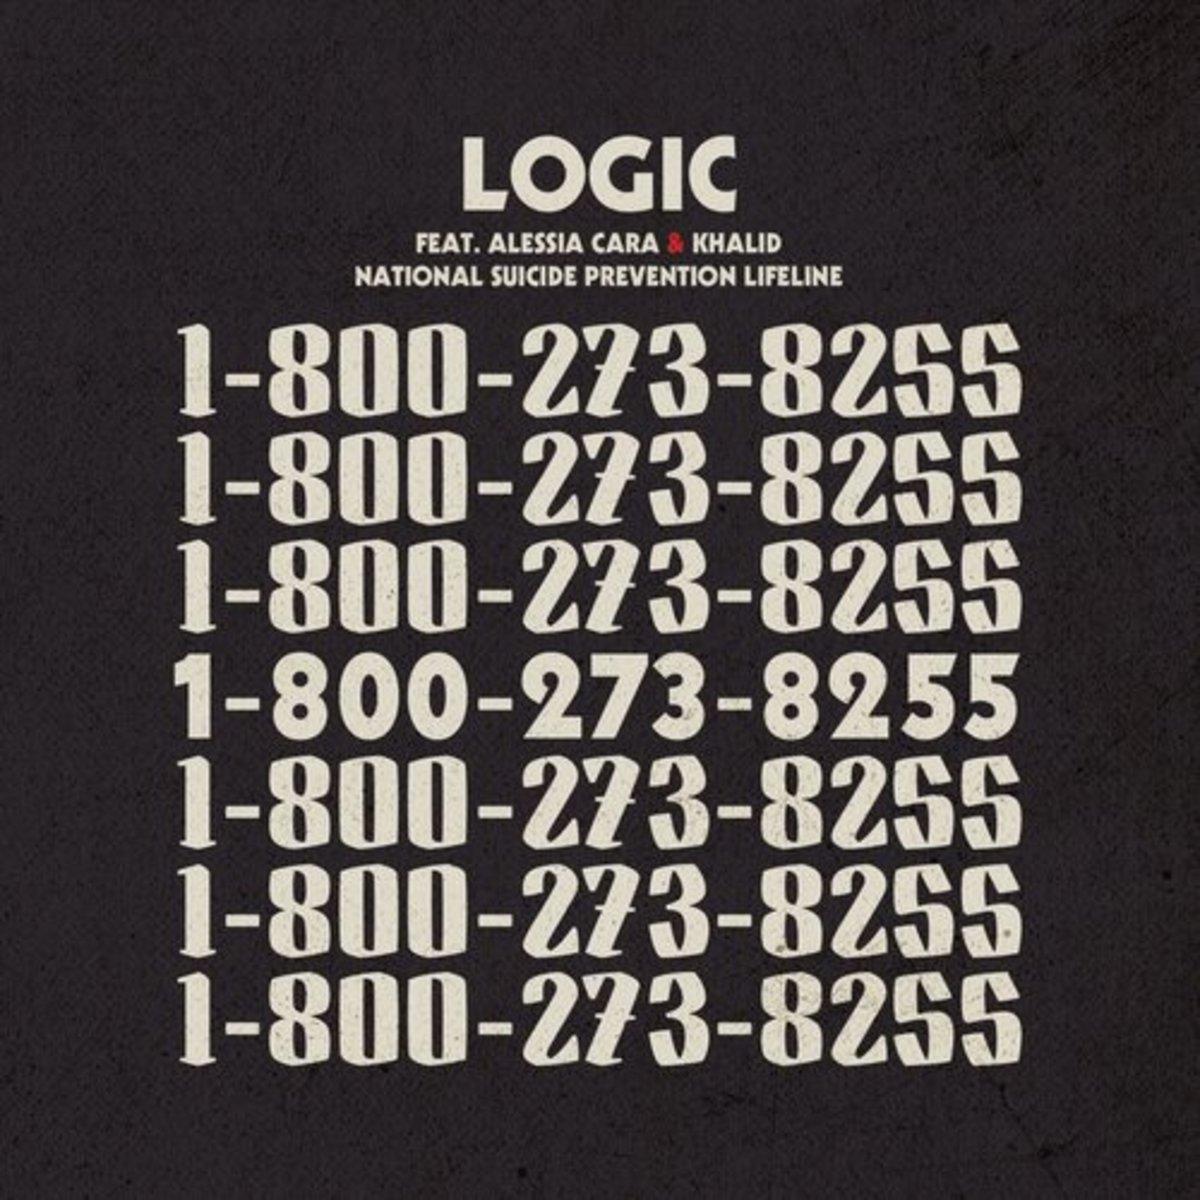 logic-1-800-273-8255.jpg